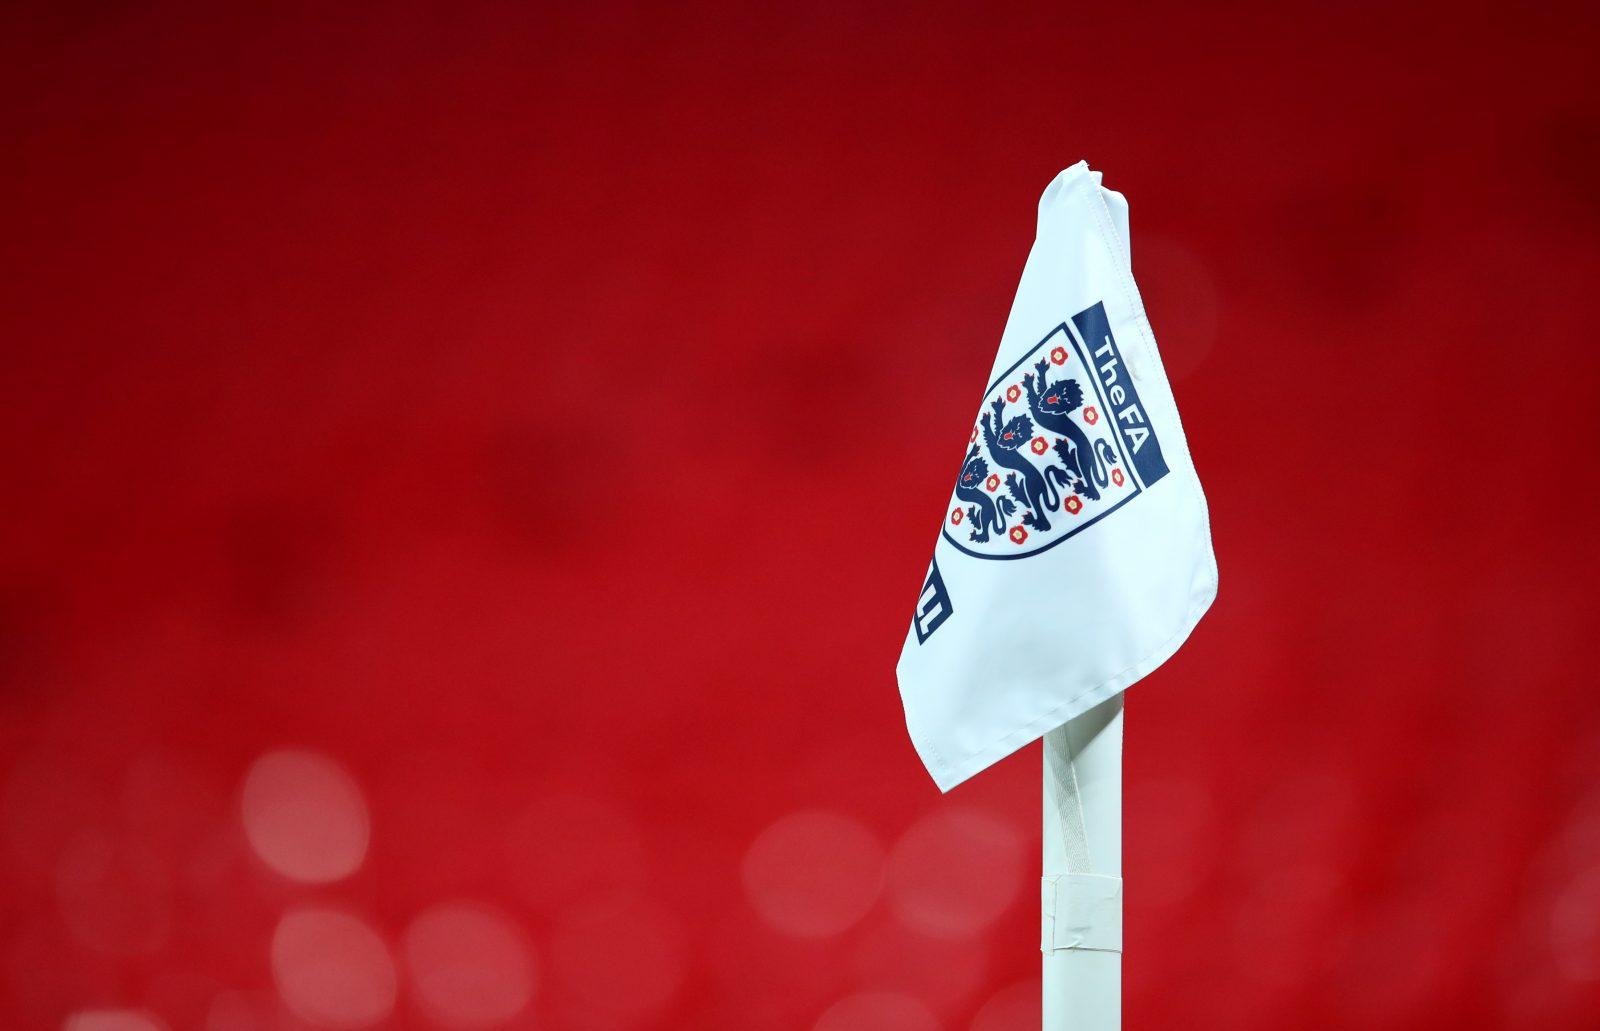 Three Lions: Englischer Fußballverband überarbeitet Logo